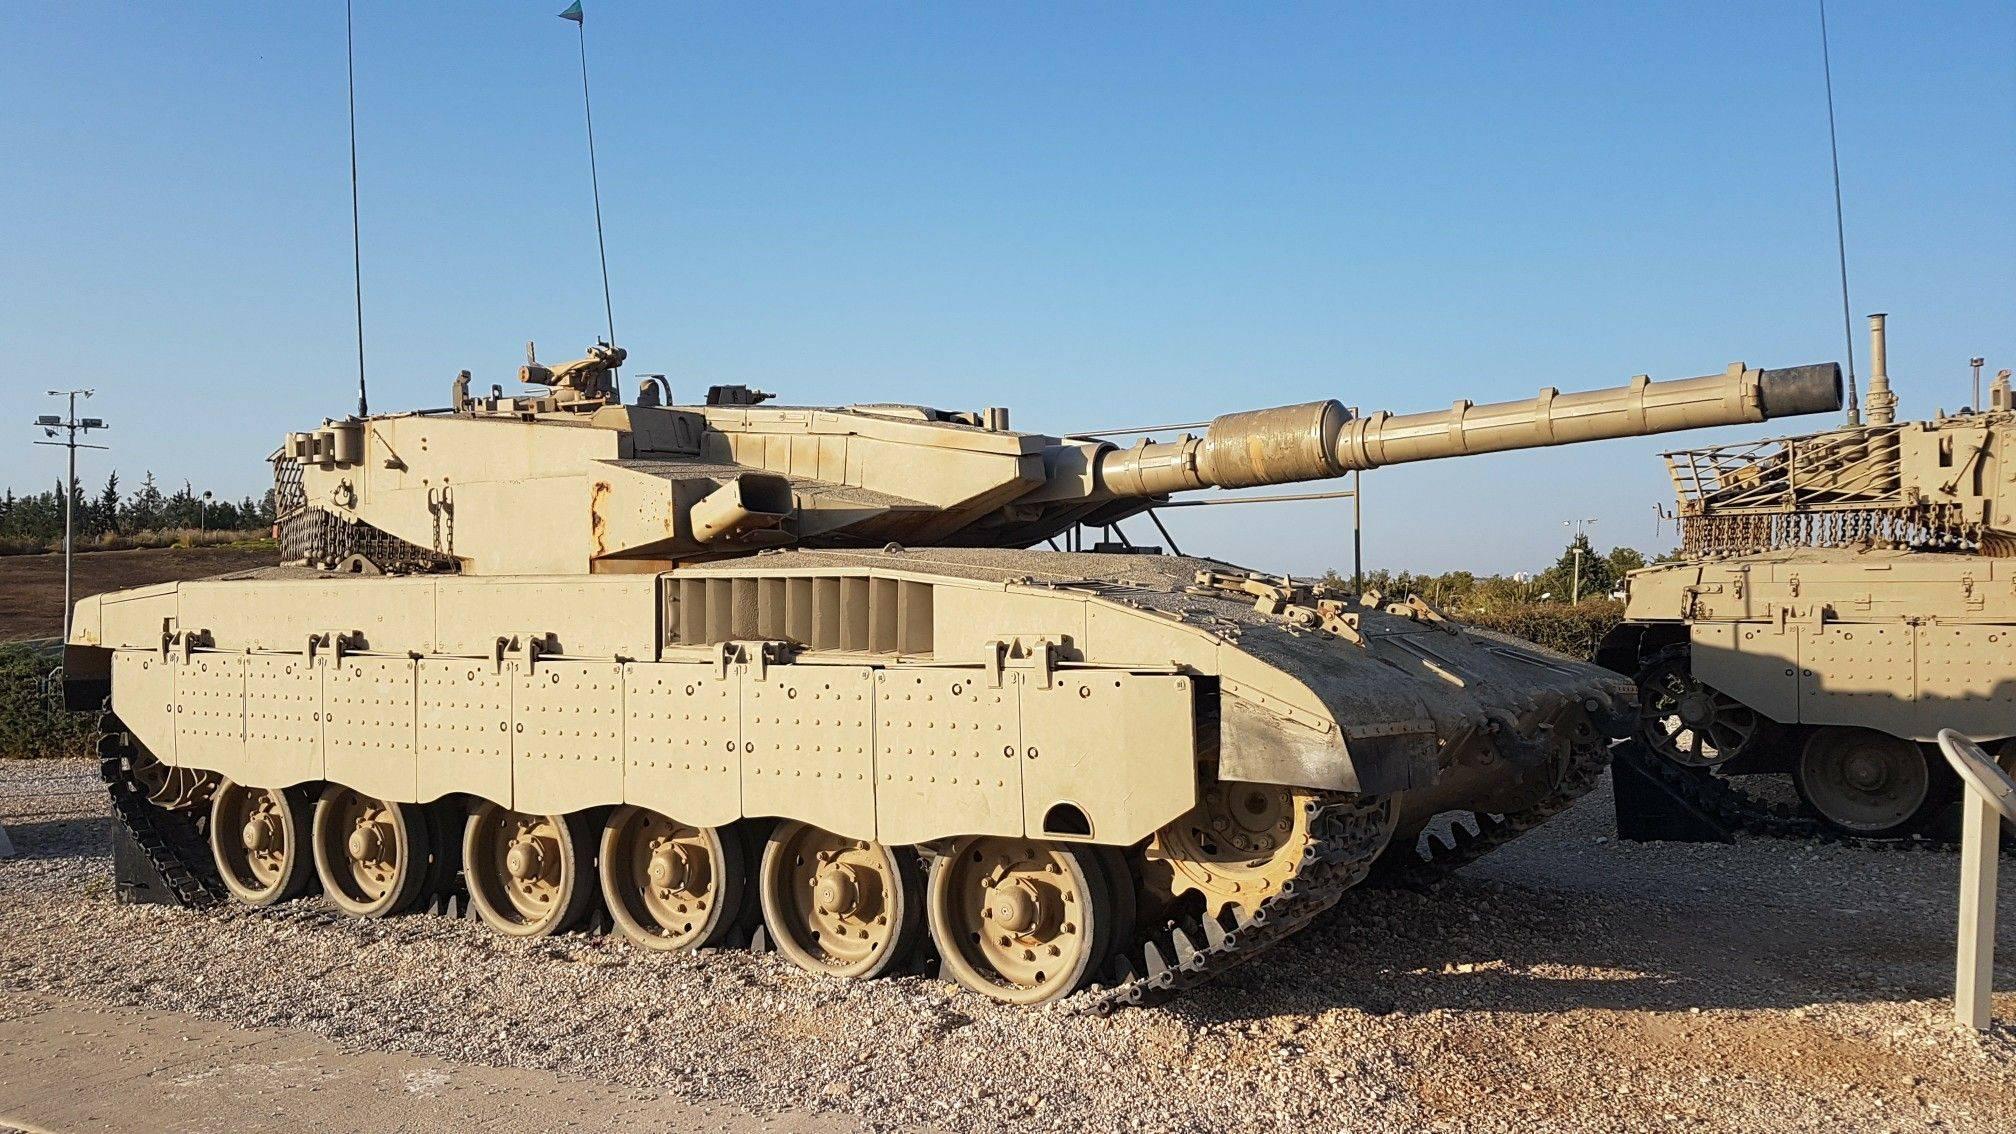 Основной танк израиля. танк «меркава» – революционная колесница бога. двигатель и трансмиссия